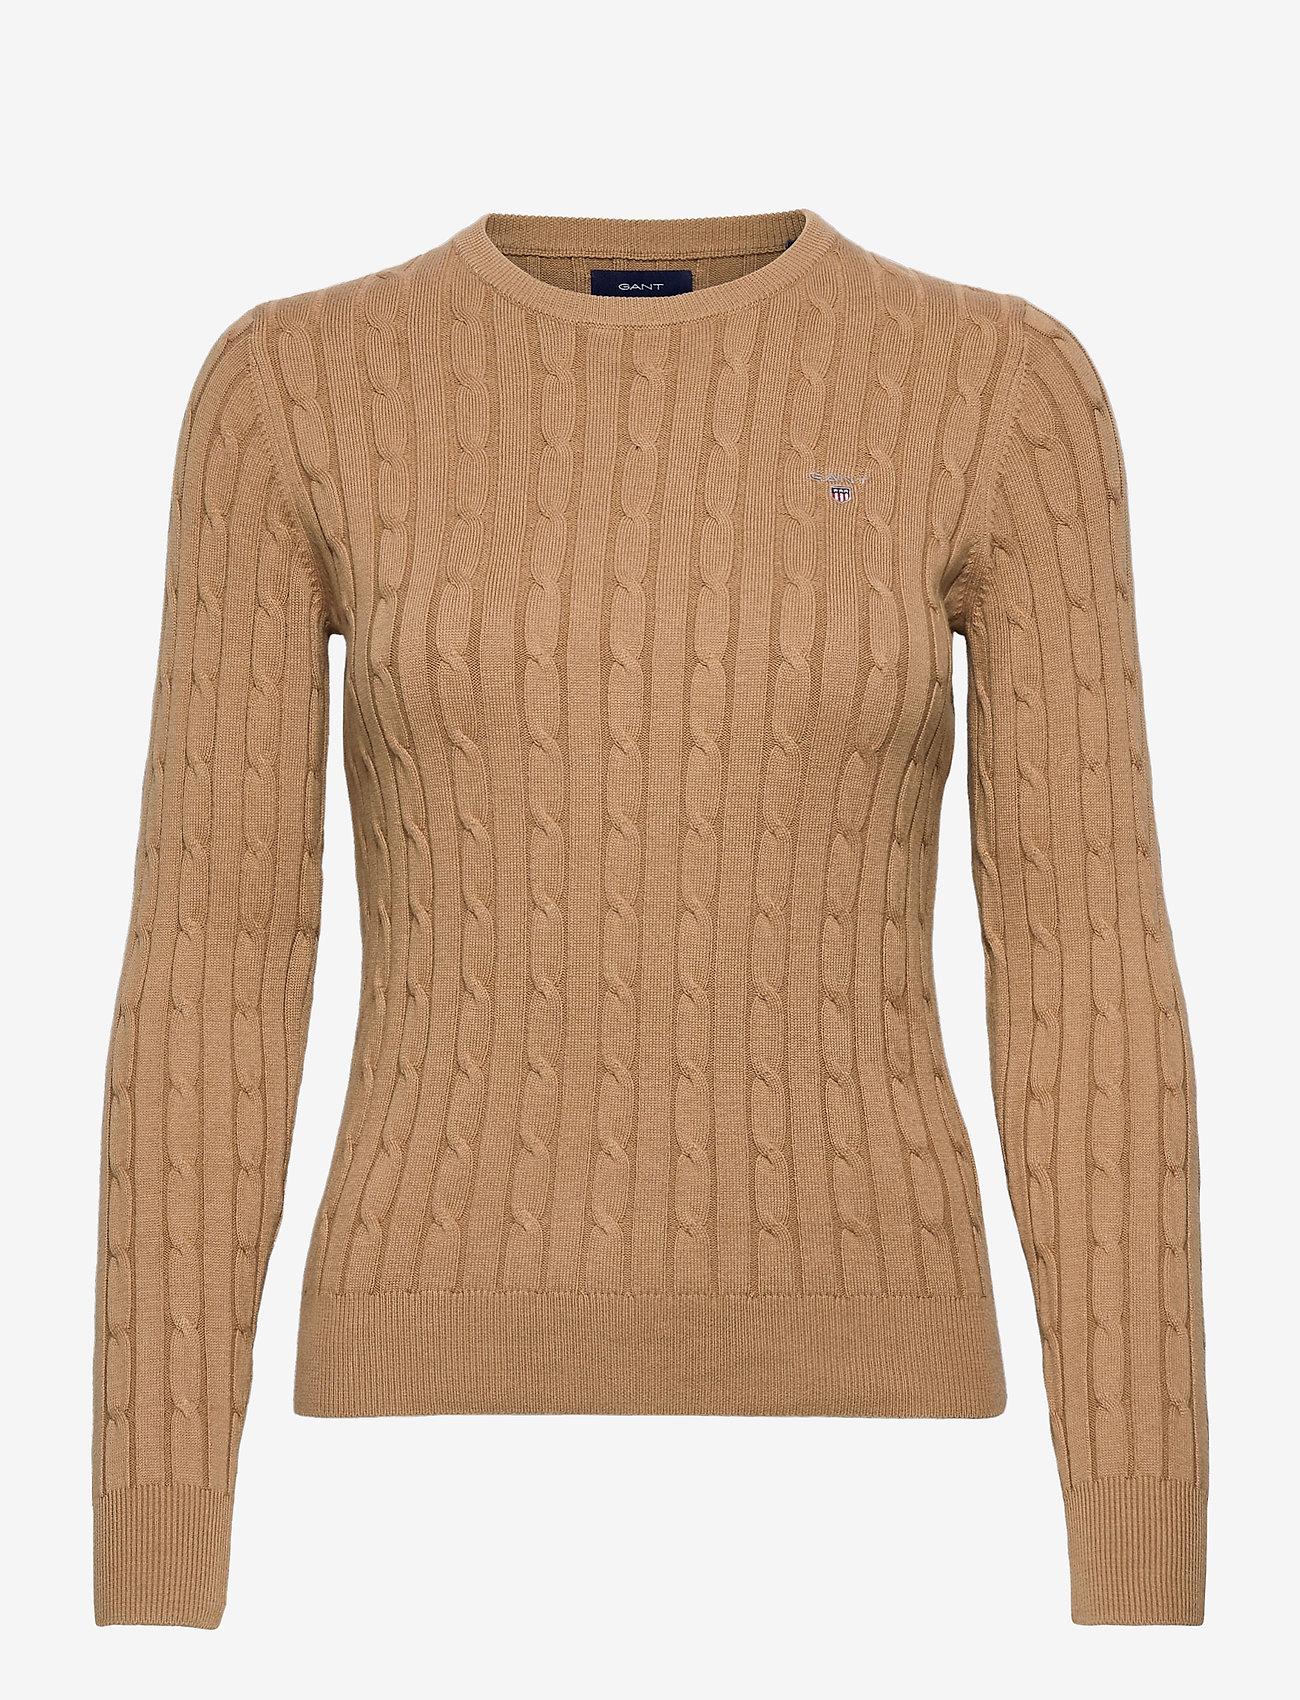 GANT - STRETCH COTTON CABLE C-NECK - jumpers - warm khaki - 0